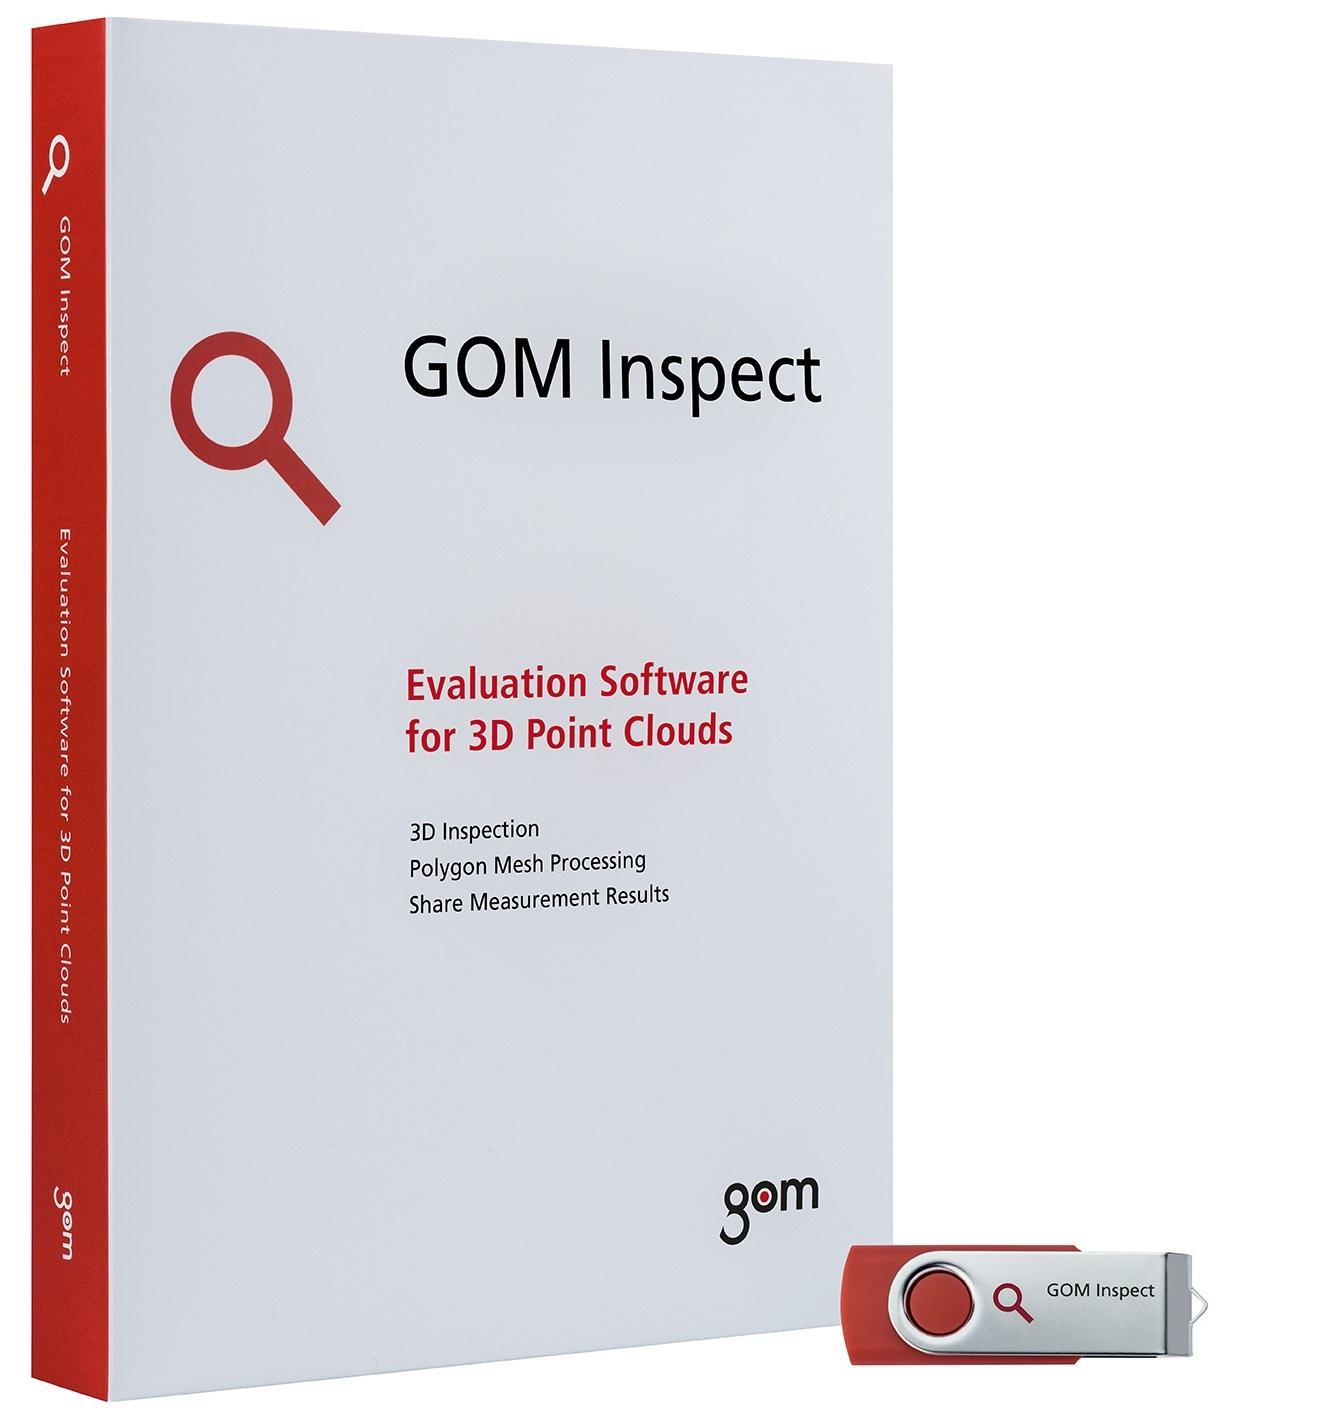 - Con el fin de garantizar la precisión de la medición, tanto el software GOM Inspect Professional como el software GOM Inspect han sido probados y certificados por las instituciones de PTB y NIST. La precisión del software de evaluación se prueba comparando los resultados del software con los resultados de referencia. El software GOM se ha colocado en la Categoría 1, la categoría con las desviaciones de medición más pequeñas.